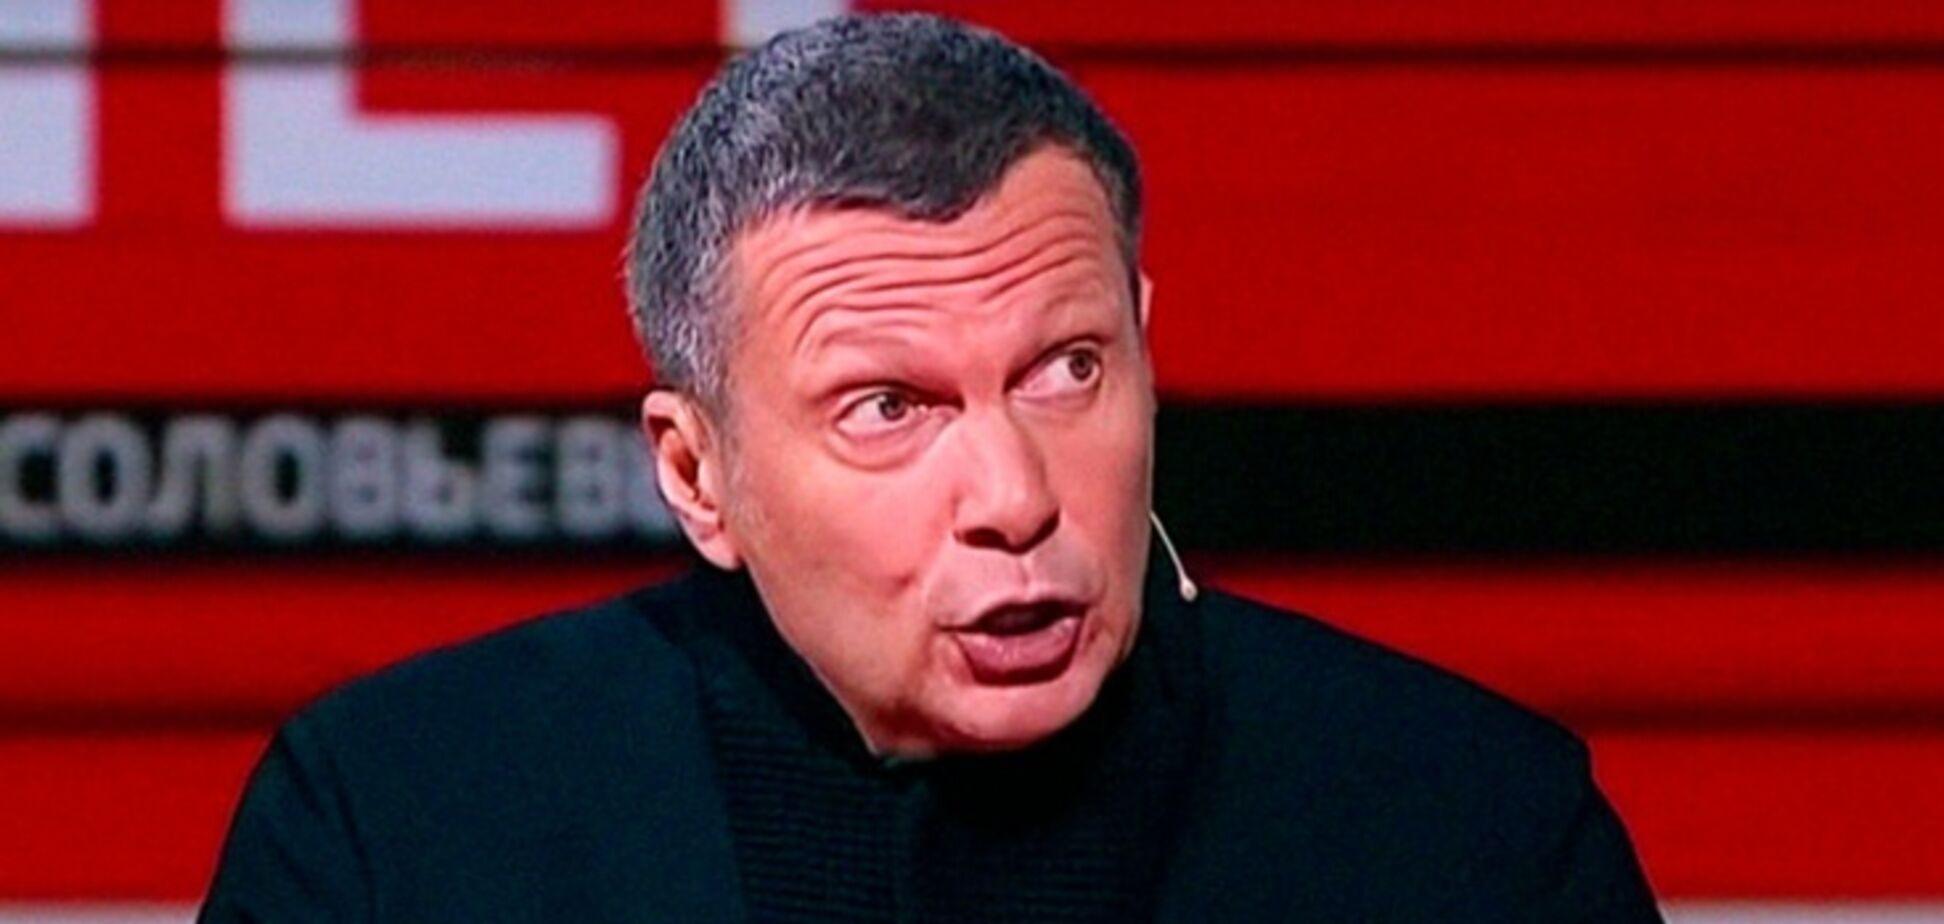 На росТБ обговорювали 'тактичне' застосування ядерної зброї для залякування України